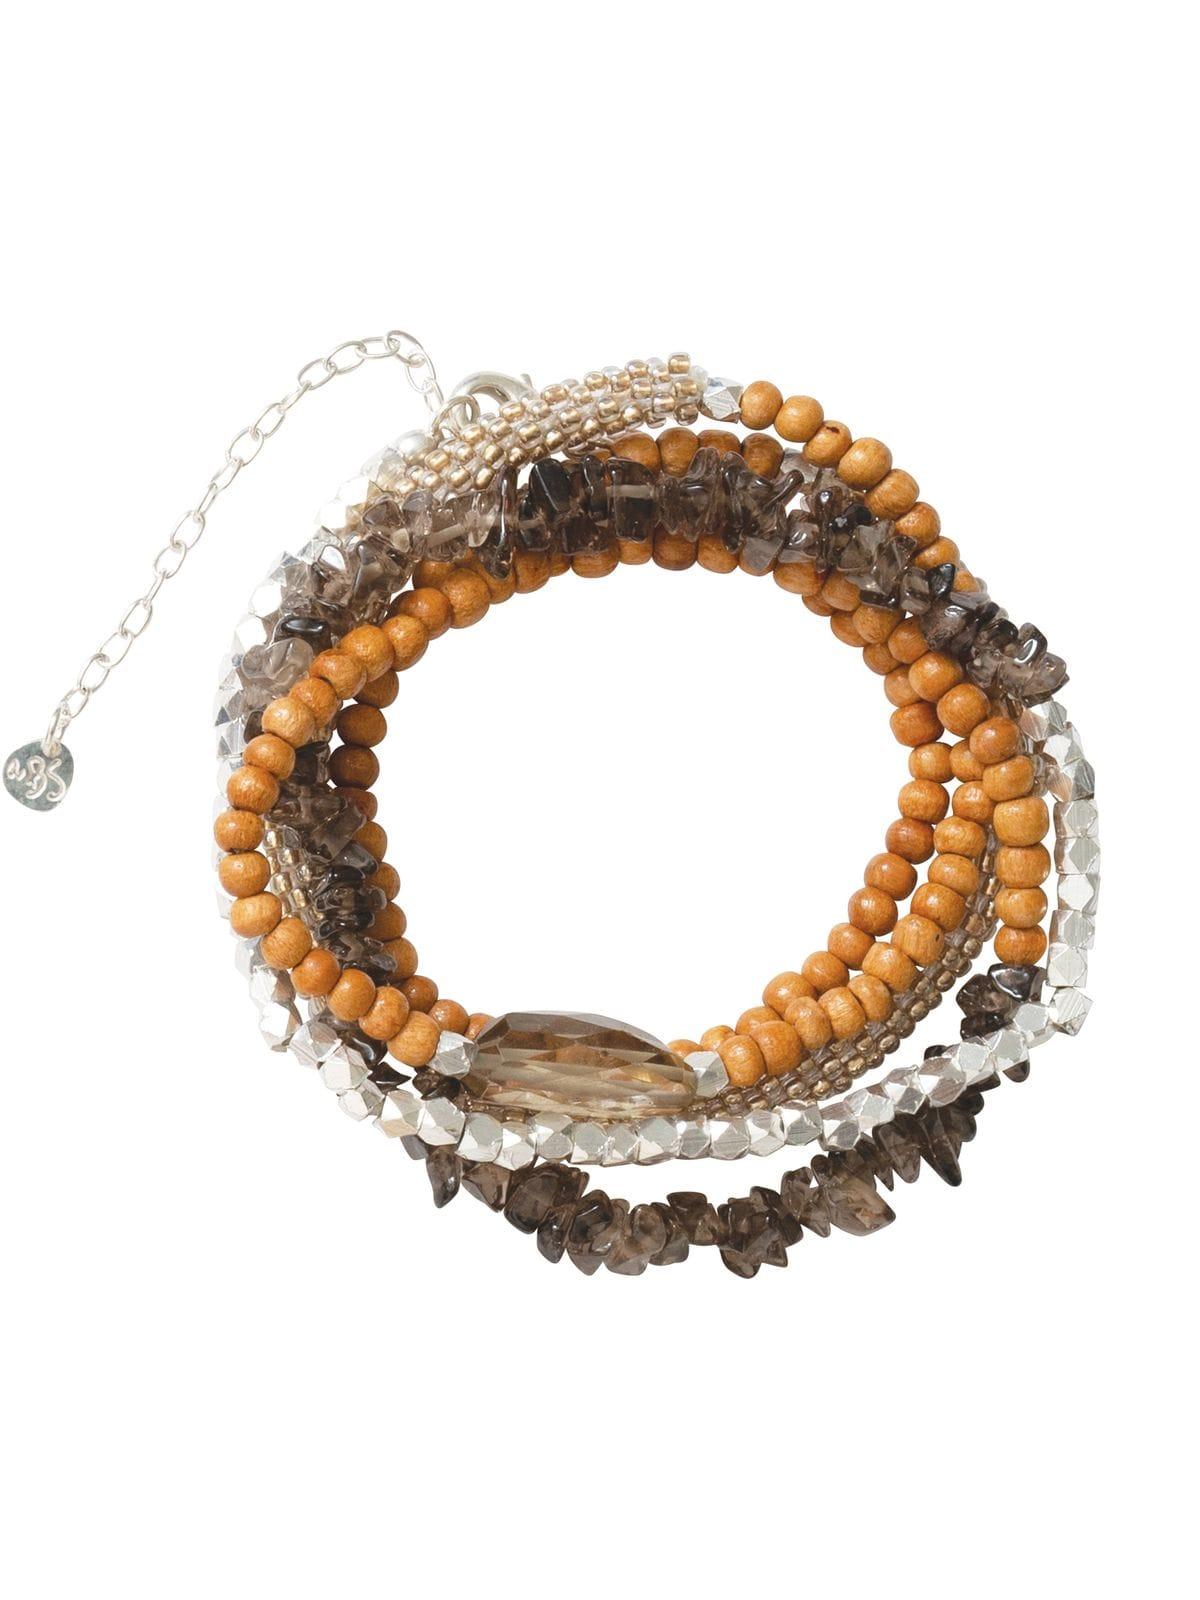 BL25709 - Superwrap Smokey Quartz Silver Bracelet_1200x1600